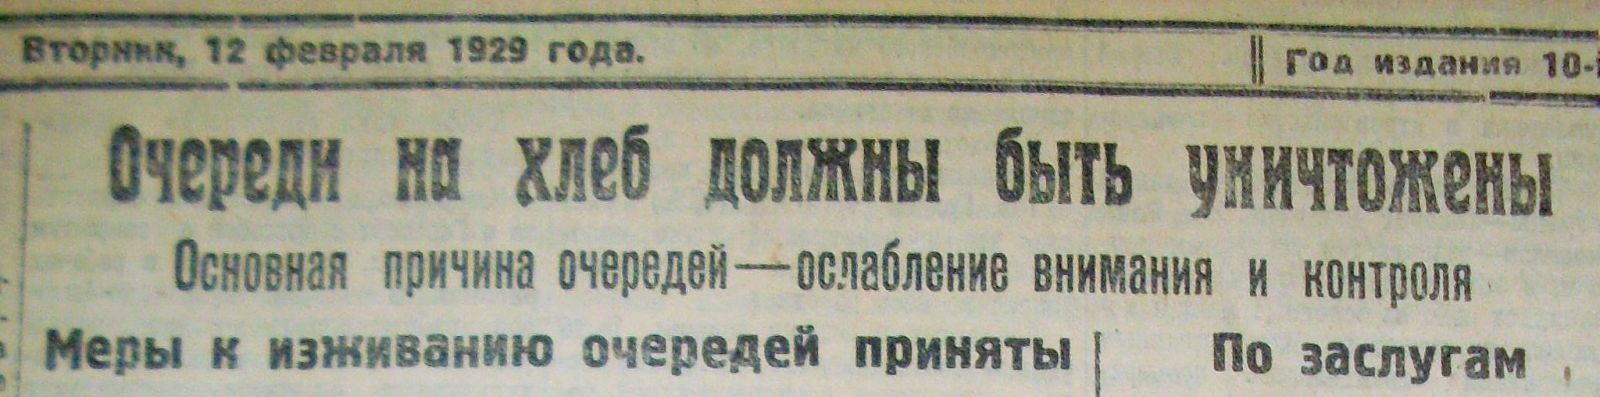 Такими закликами «підбадьорювали» харківців у лютому 1929-го